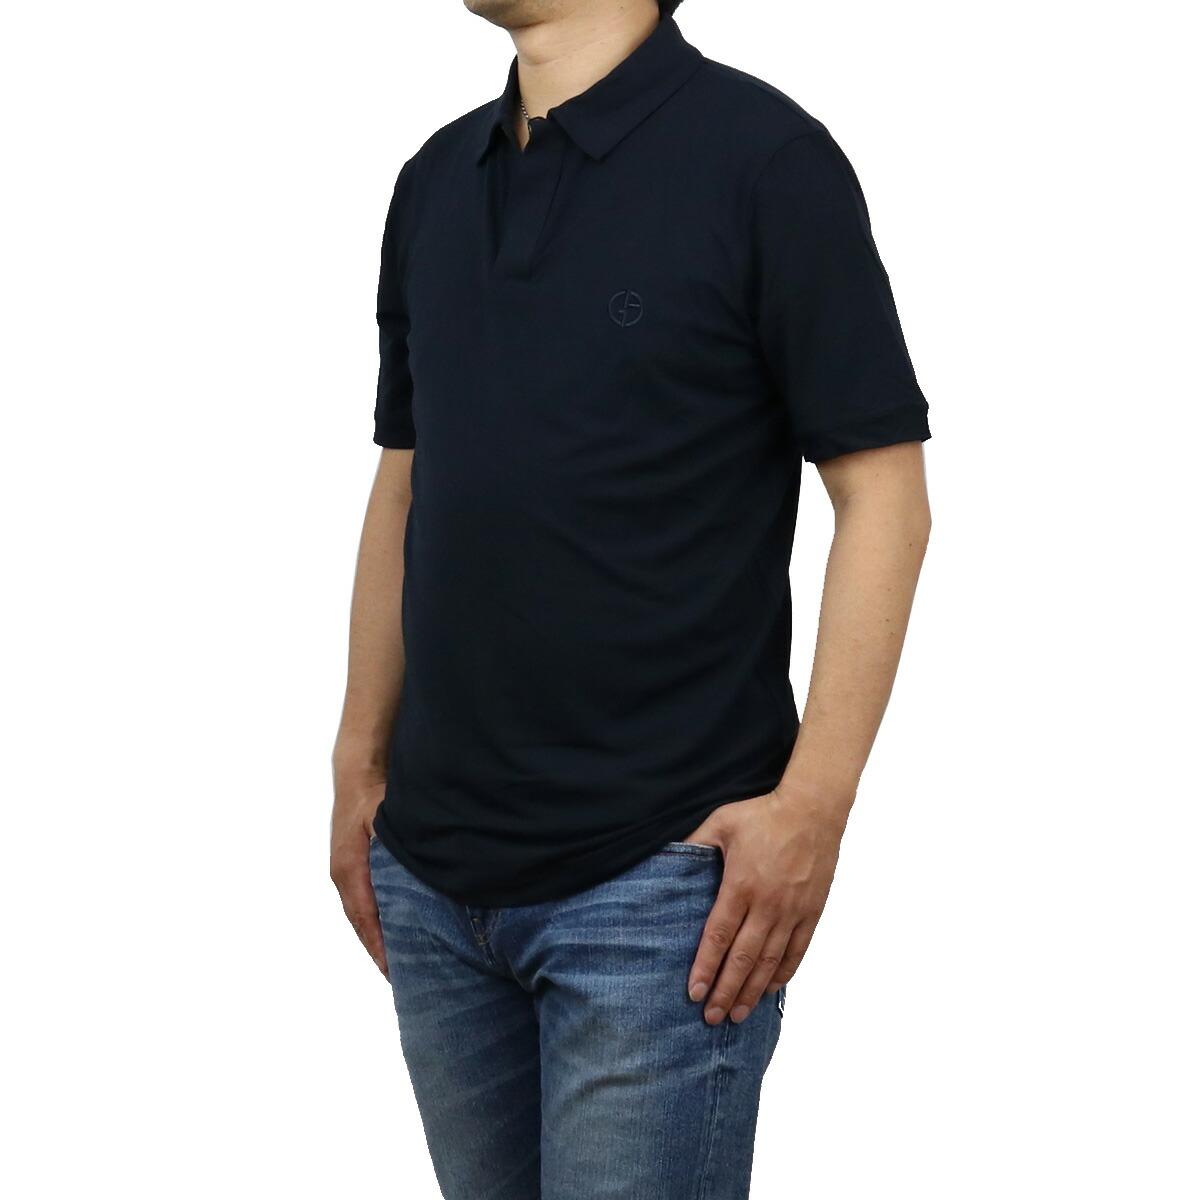 ジョルジオ・アルマーニ GIORGIO ARMANI  メンズ-ポロシャツ 3KSF57 SJP4Z UBSG BLU ネイビー系 polo-01 apparel-01